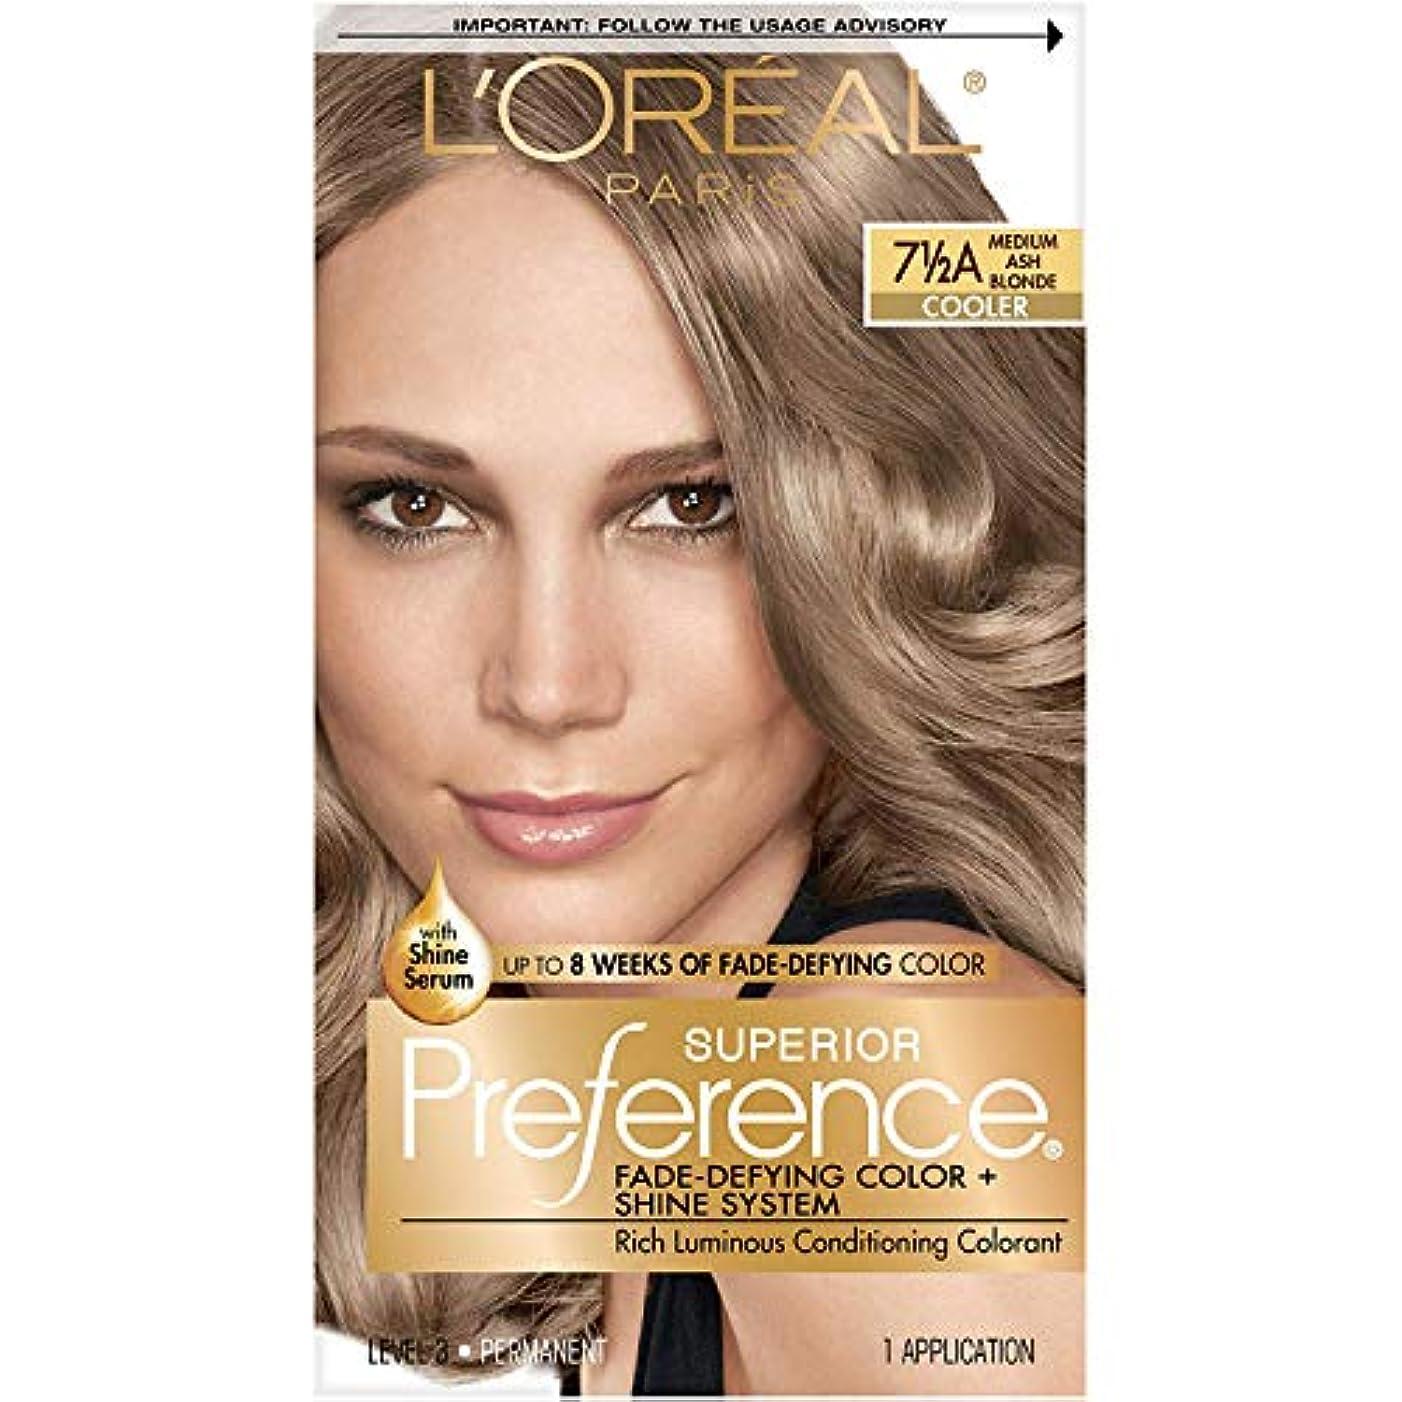 だらしないトピックミキサー海外直送肘 LOreal Superior Preference Hair Color Medium Ash Blonde, Medium Ash Blonde 1 each